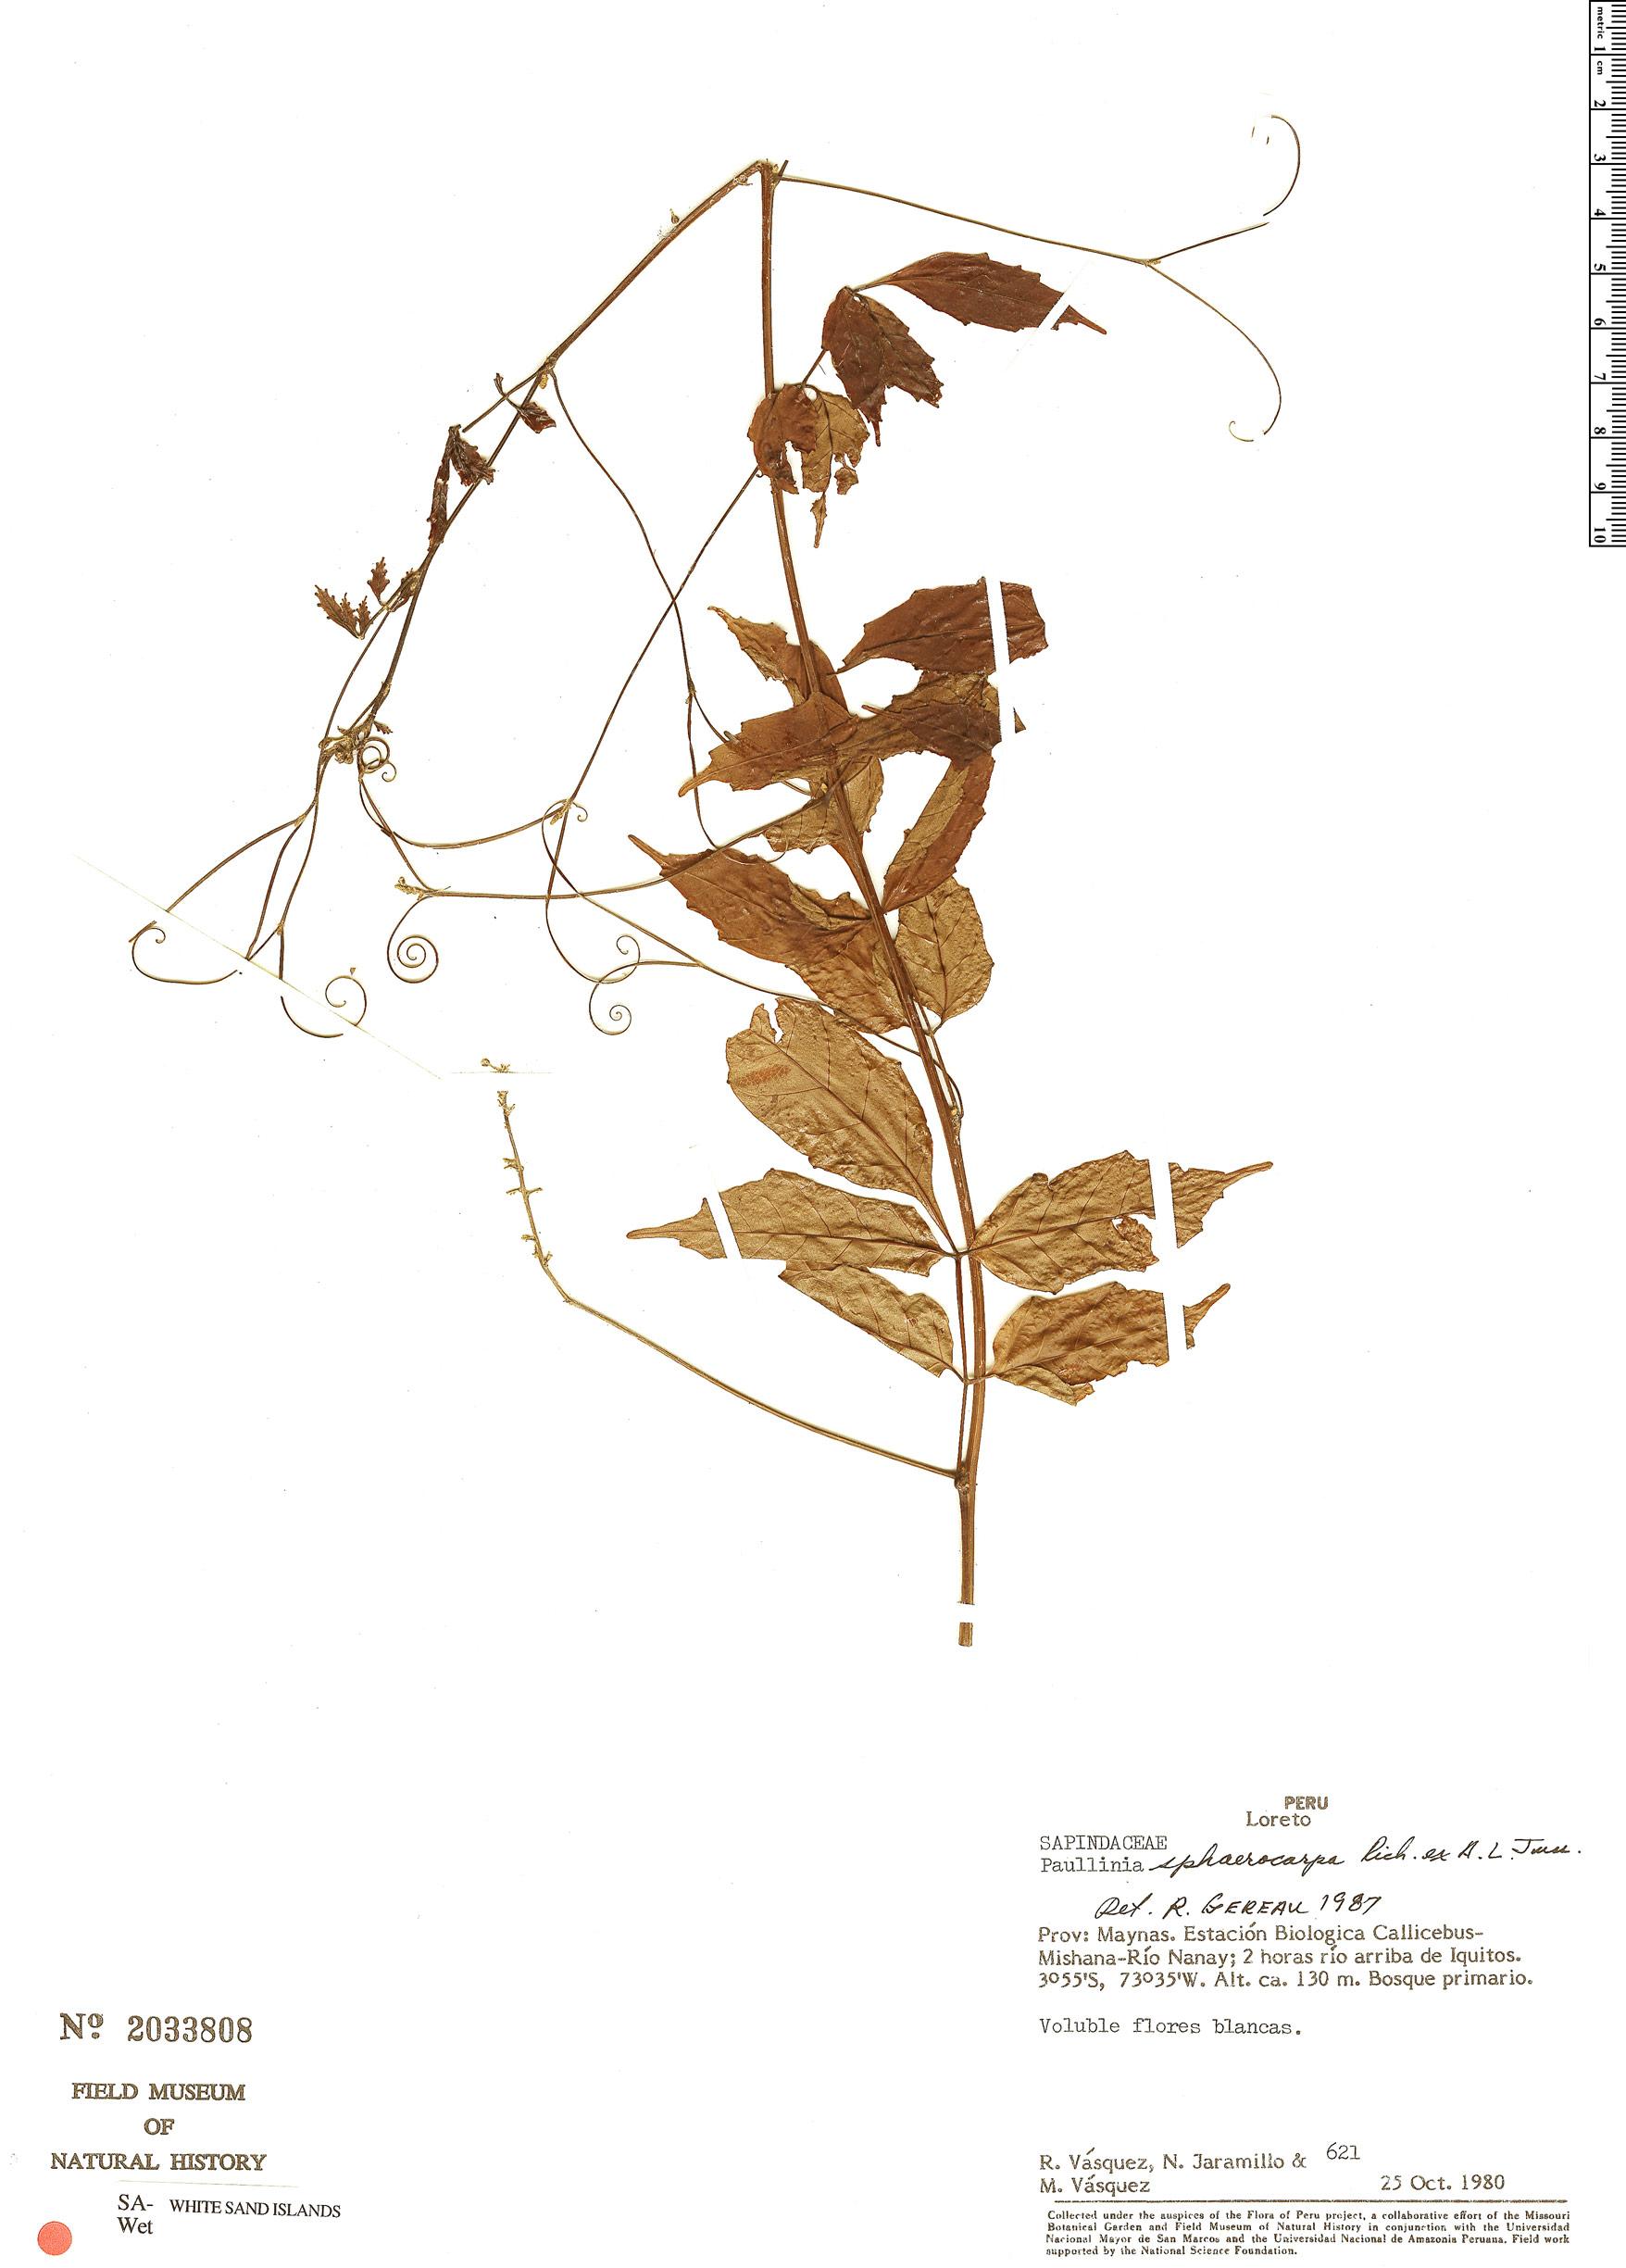 Specimen: Paullinia sphaerocarpa